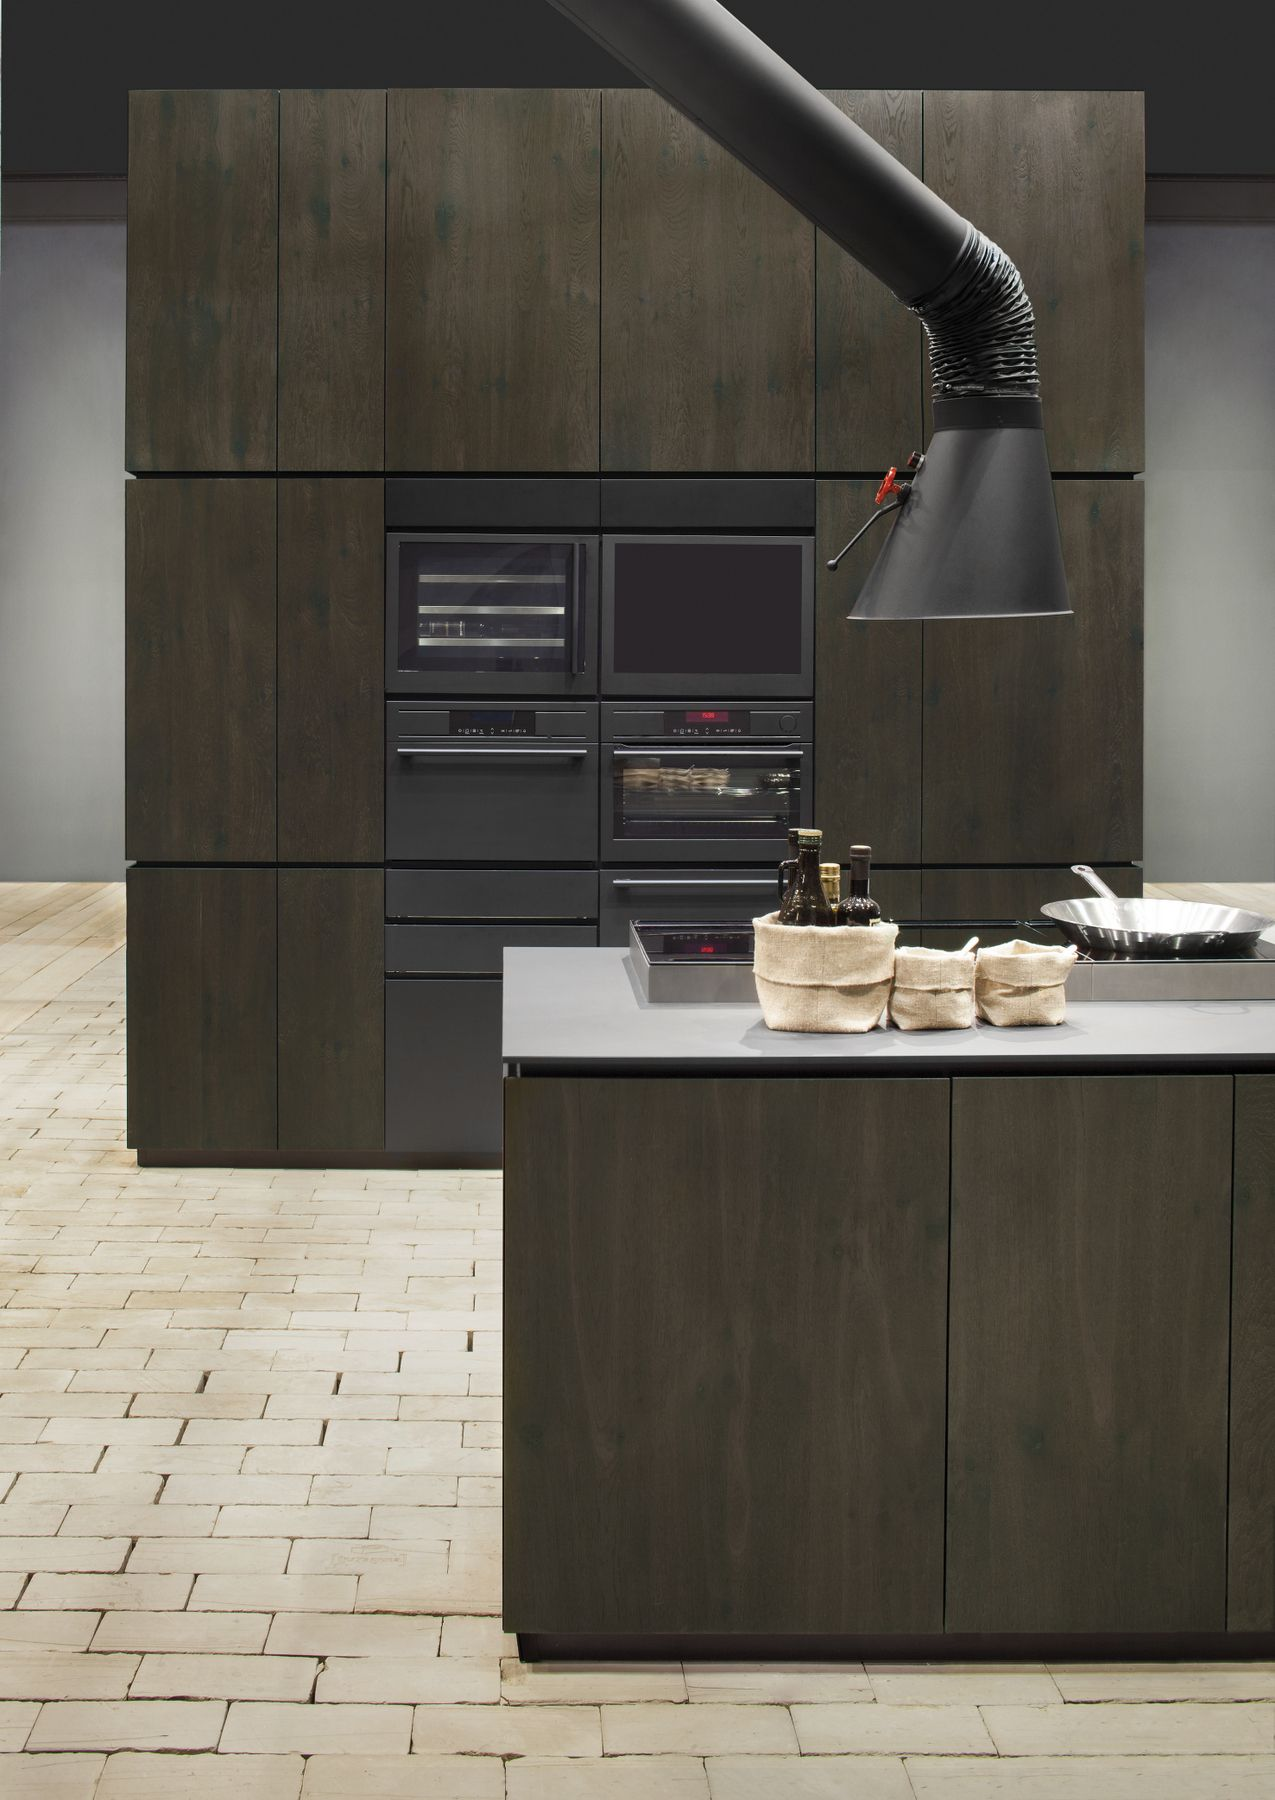 NATURAL SKIN HOME Кухонный гарнитур By Minacciolo дизайн Silvio Stefani, R